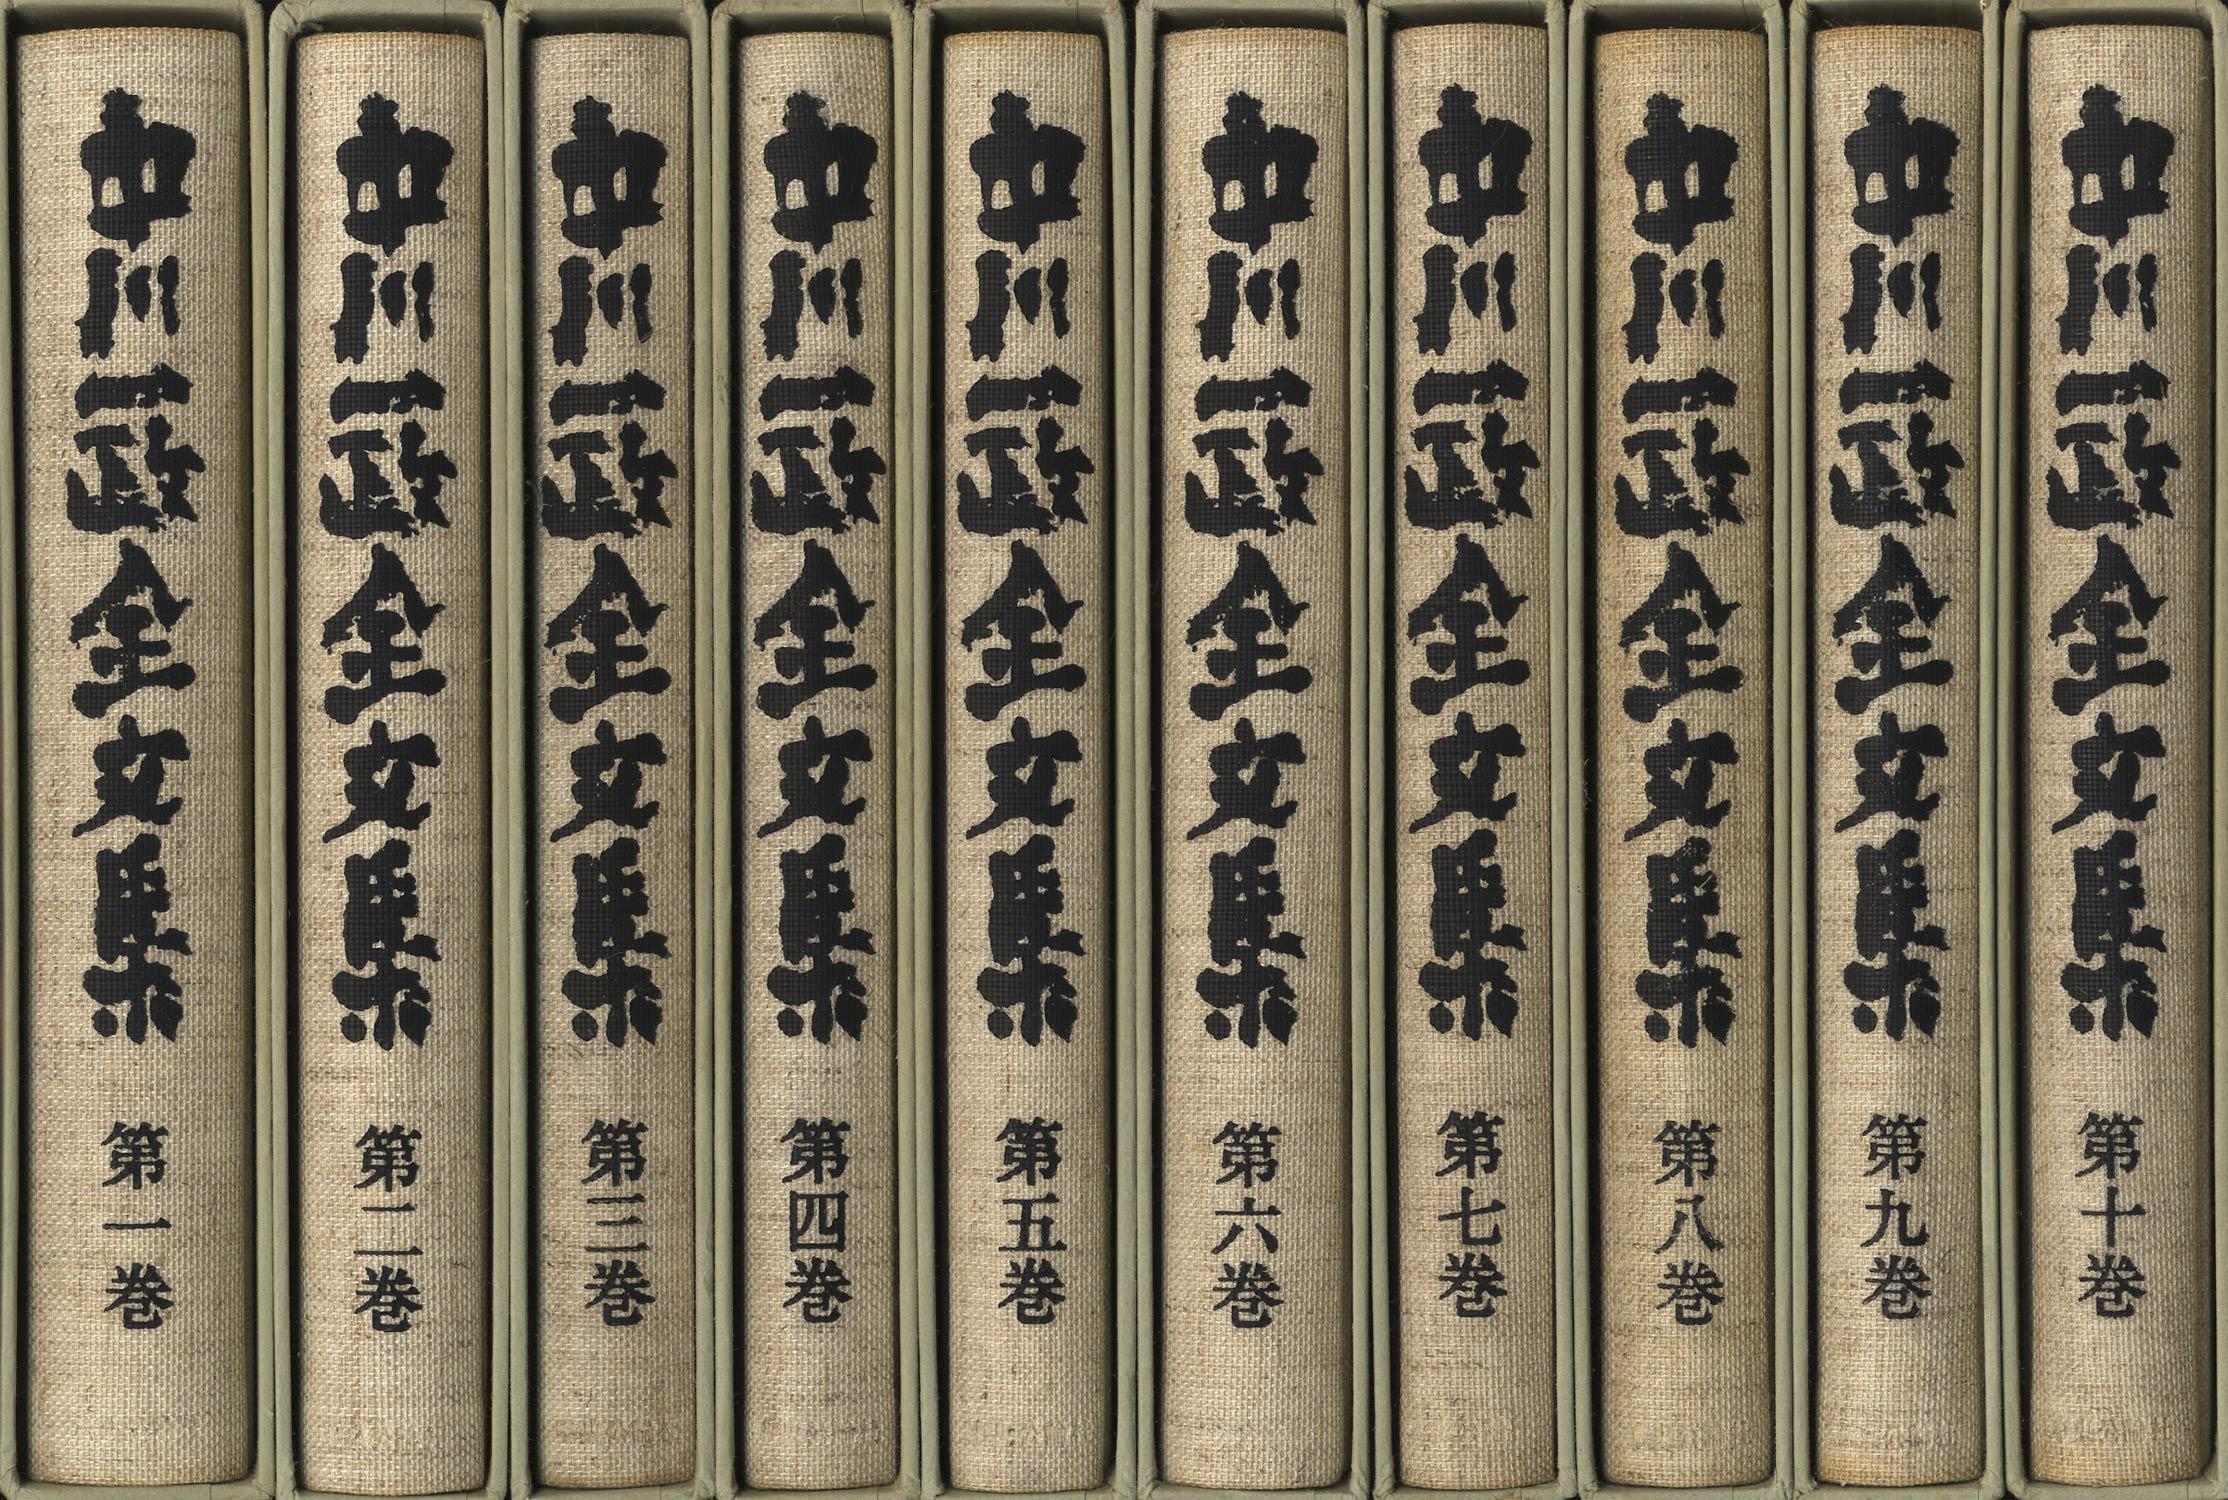 中川一政全文集 全10巻[image2]